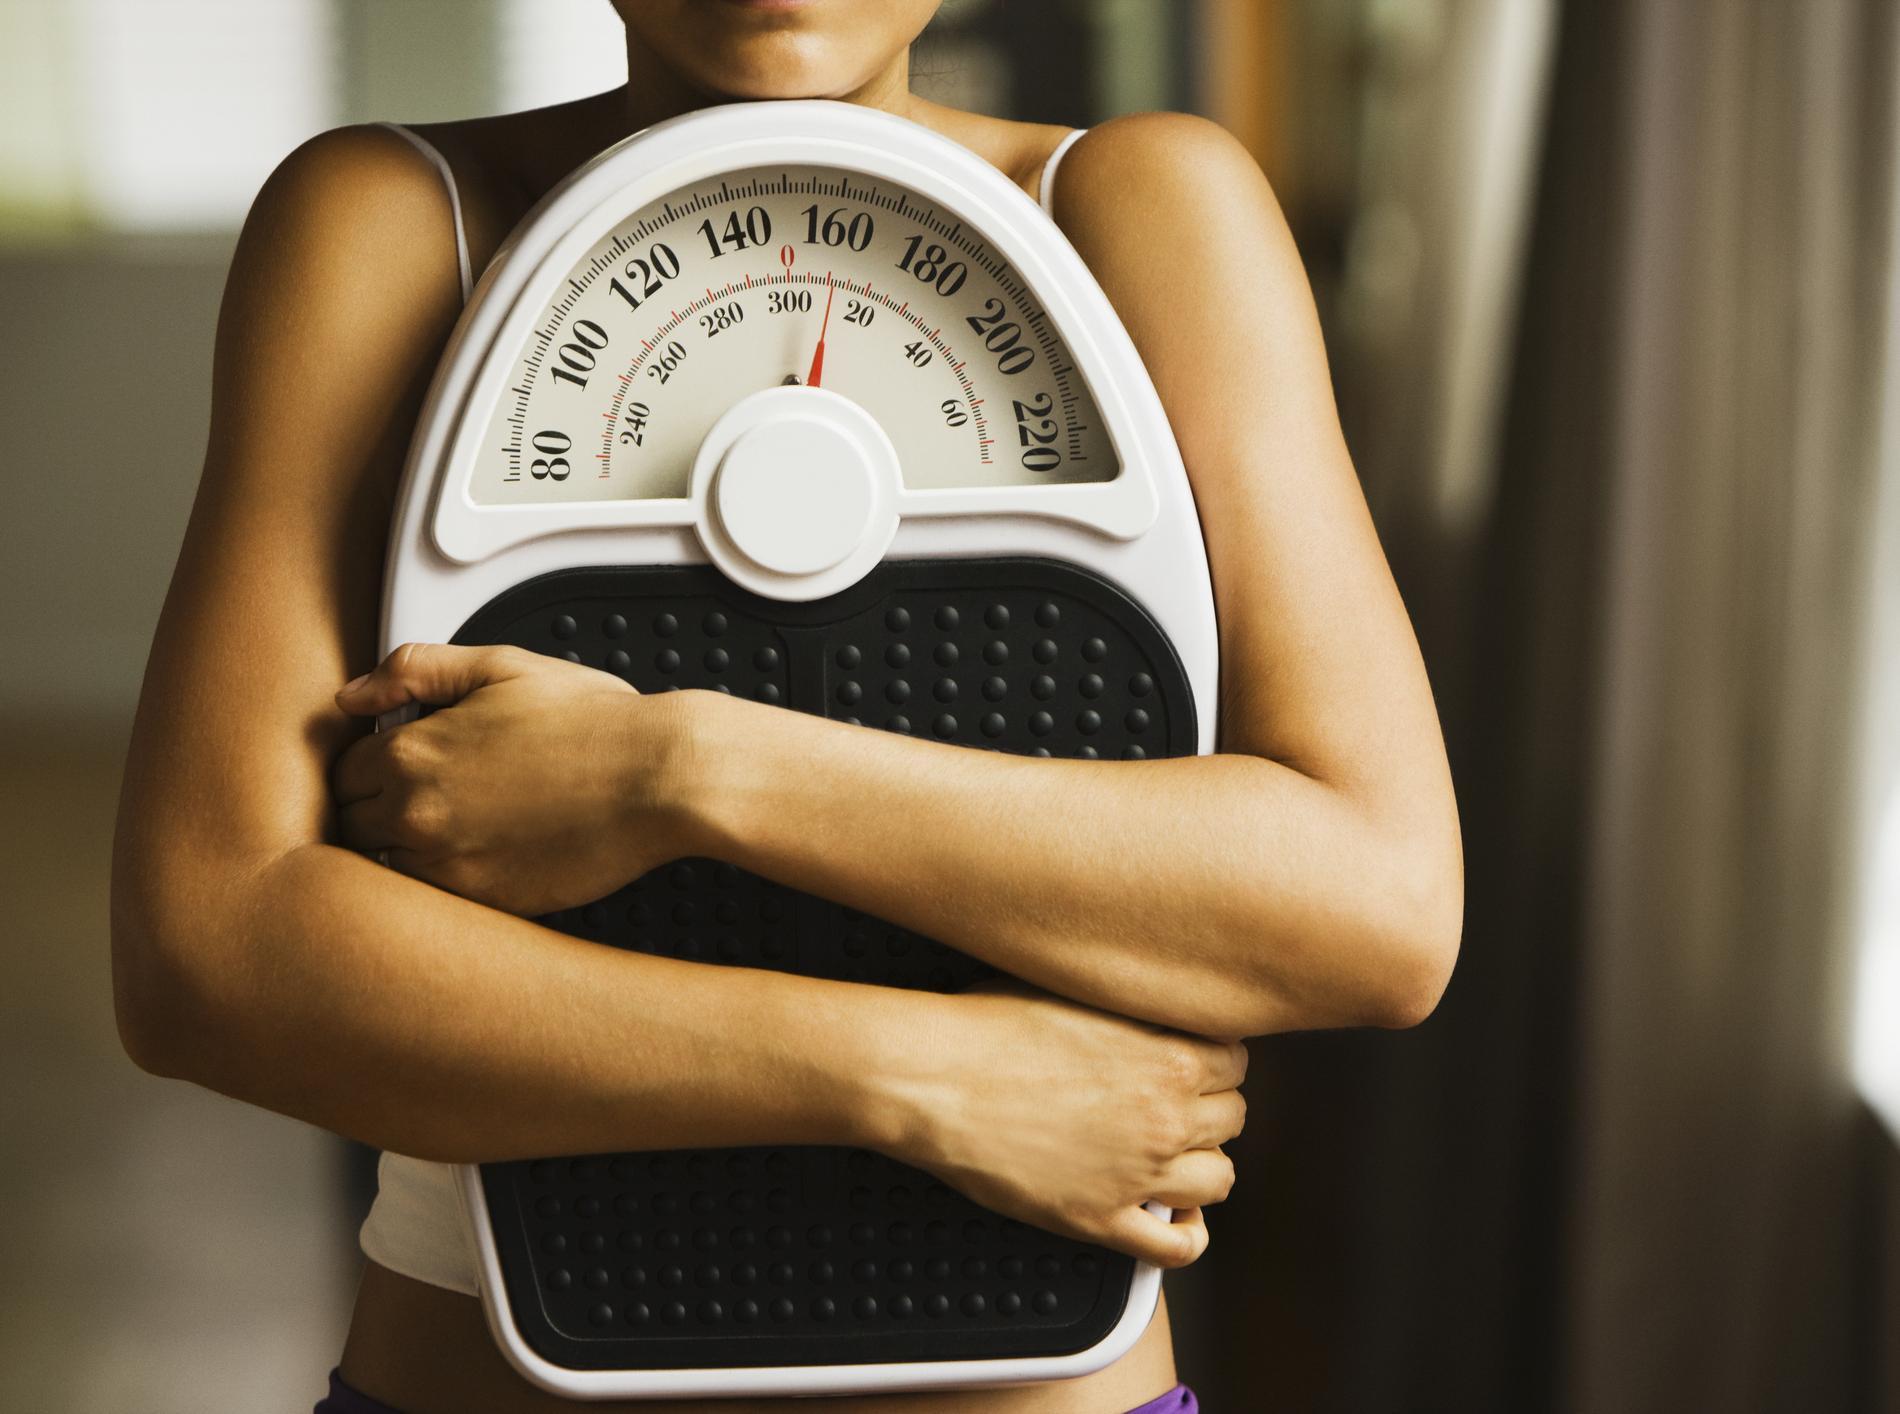 2 semaines pour perdre du poids pour un mariage. Qui aimerai perdre du poids pour son mariage?